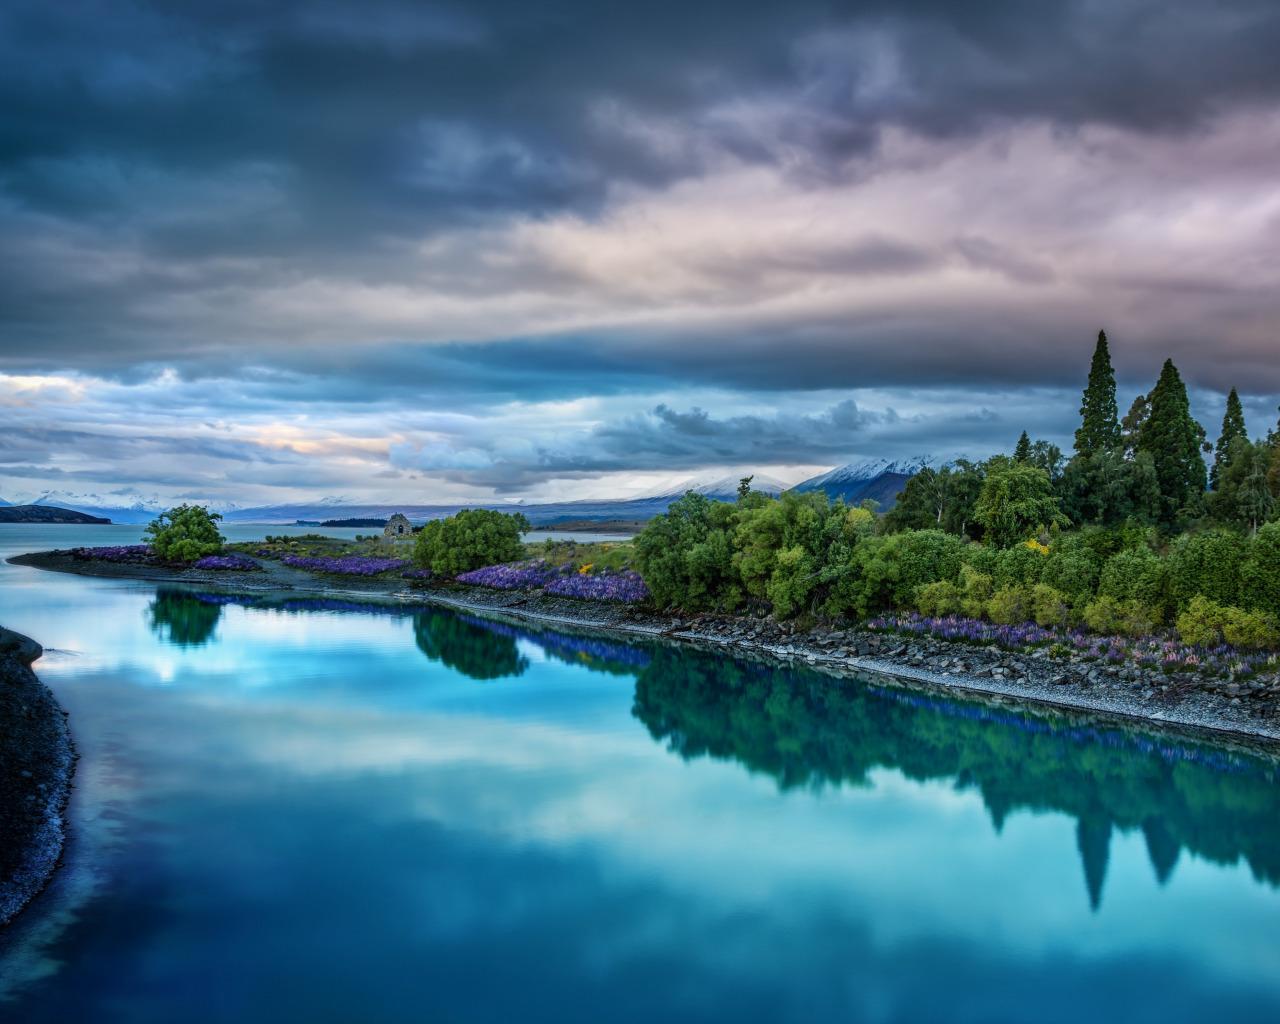 природа река деревь облака Индонезия  № 1670680 бесплатно